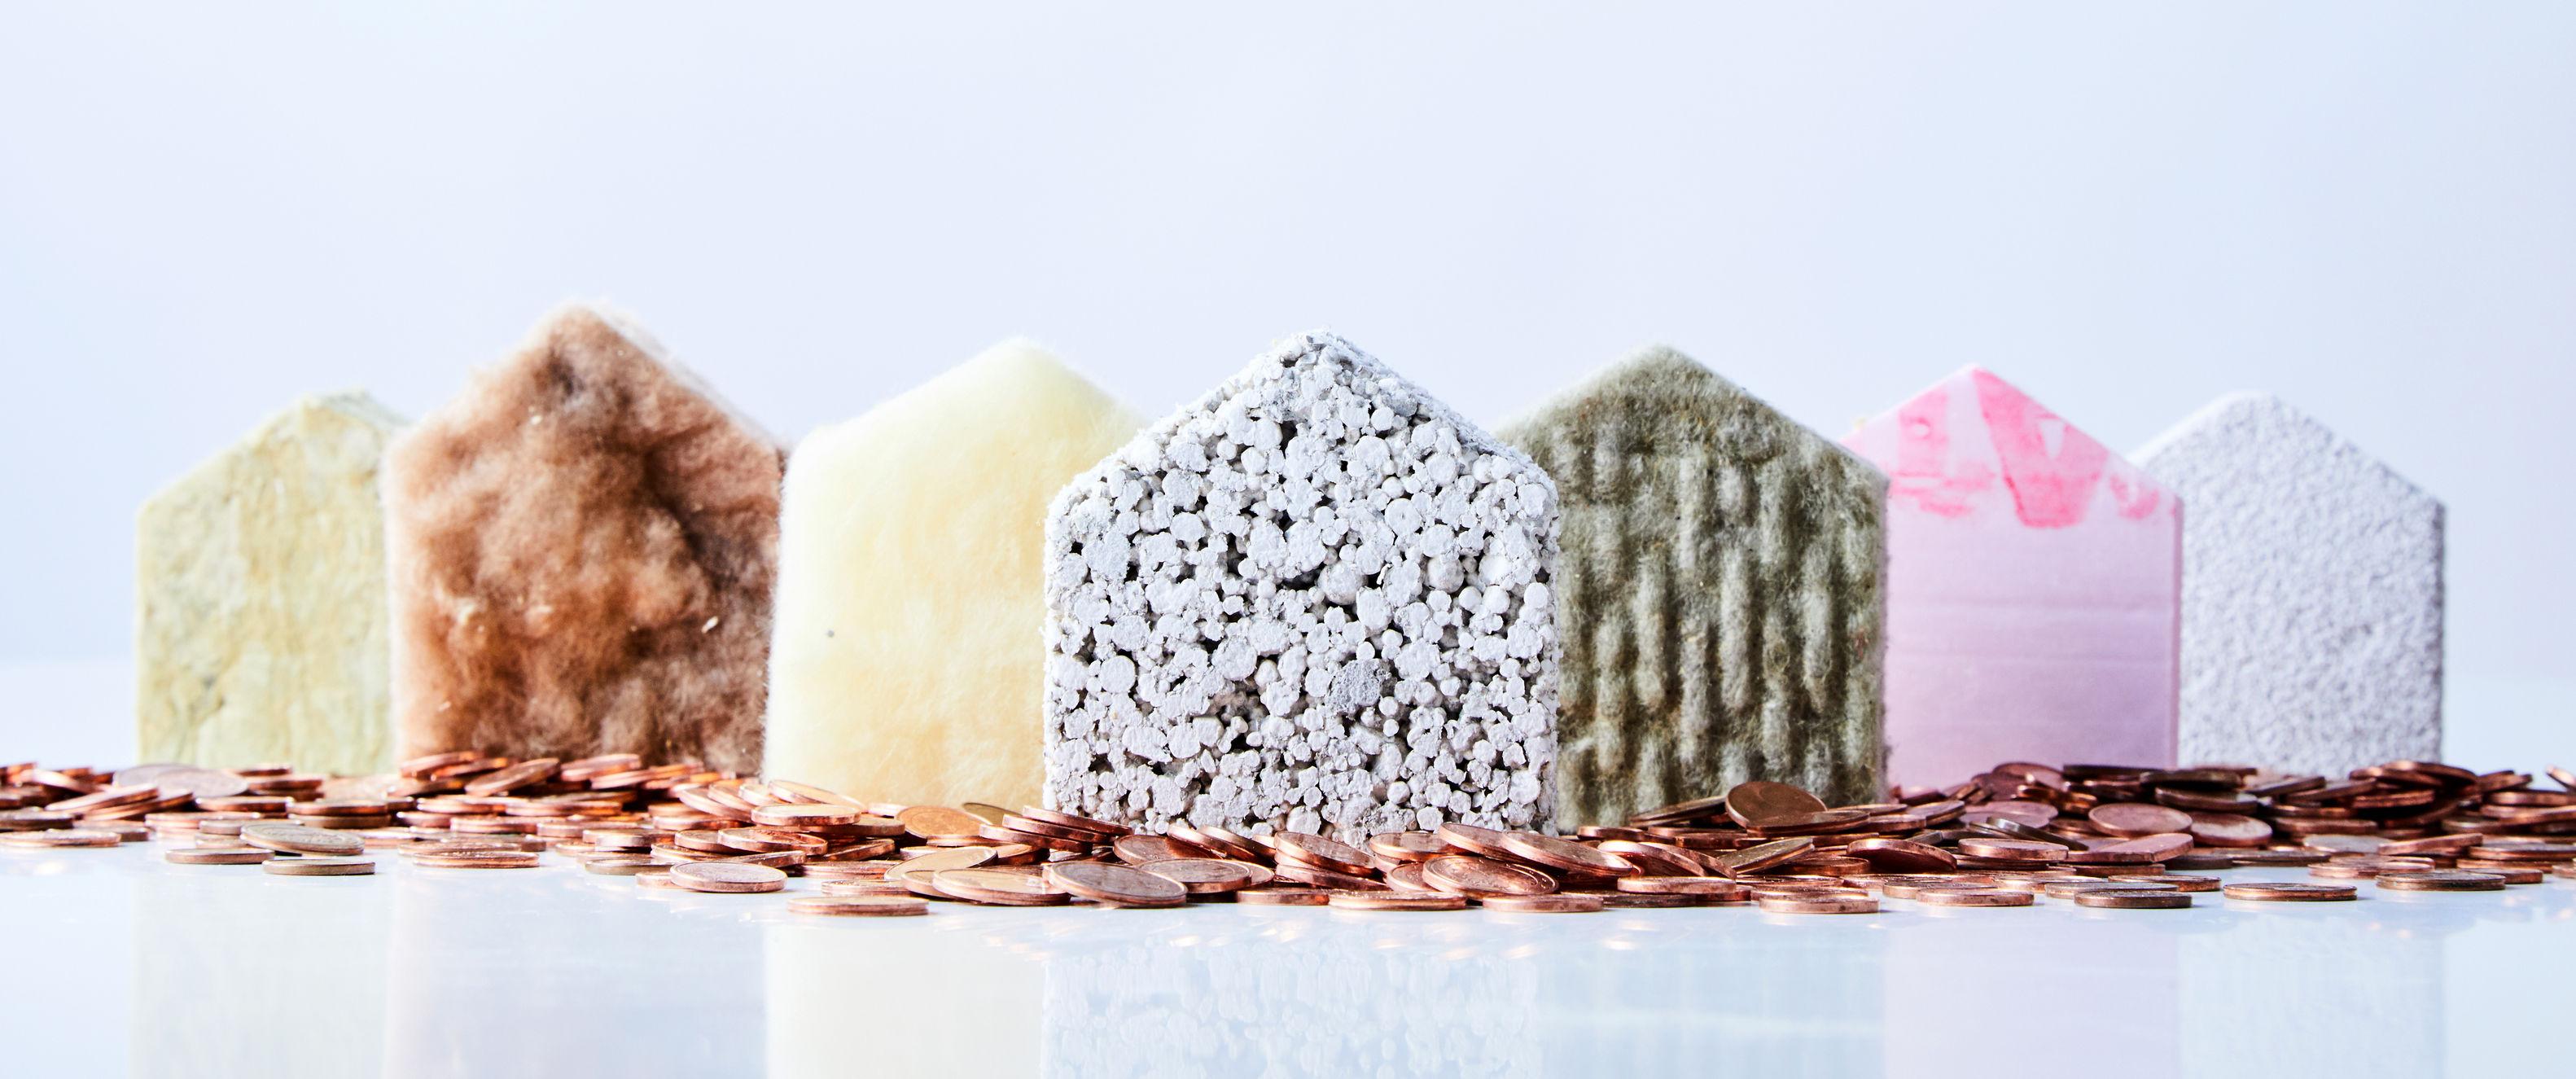 isolants thermiques écologiques, résistance thermique, construction maison RT 2012, différents matériaux pour la construction et l'isolation d'une maison, isolants minces